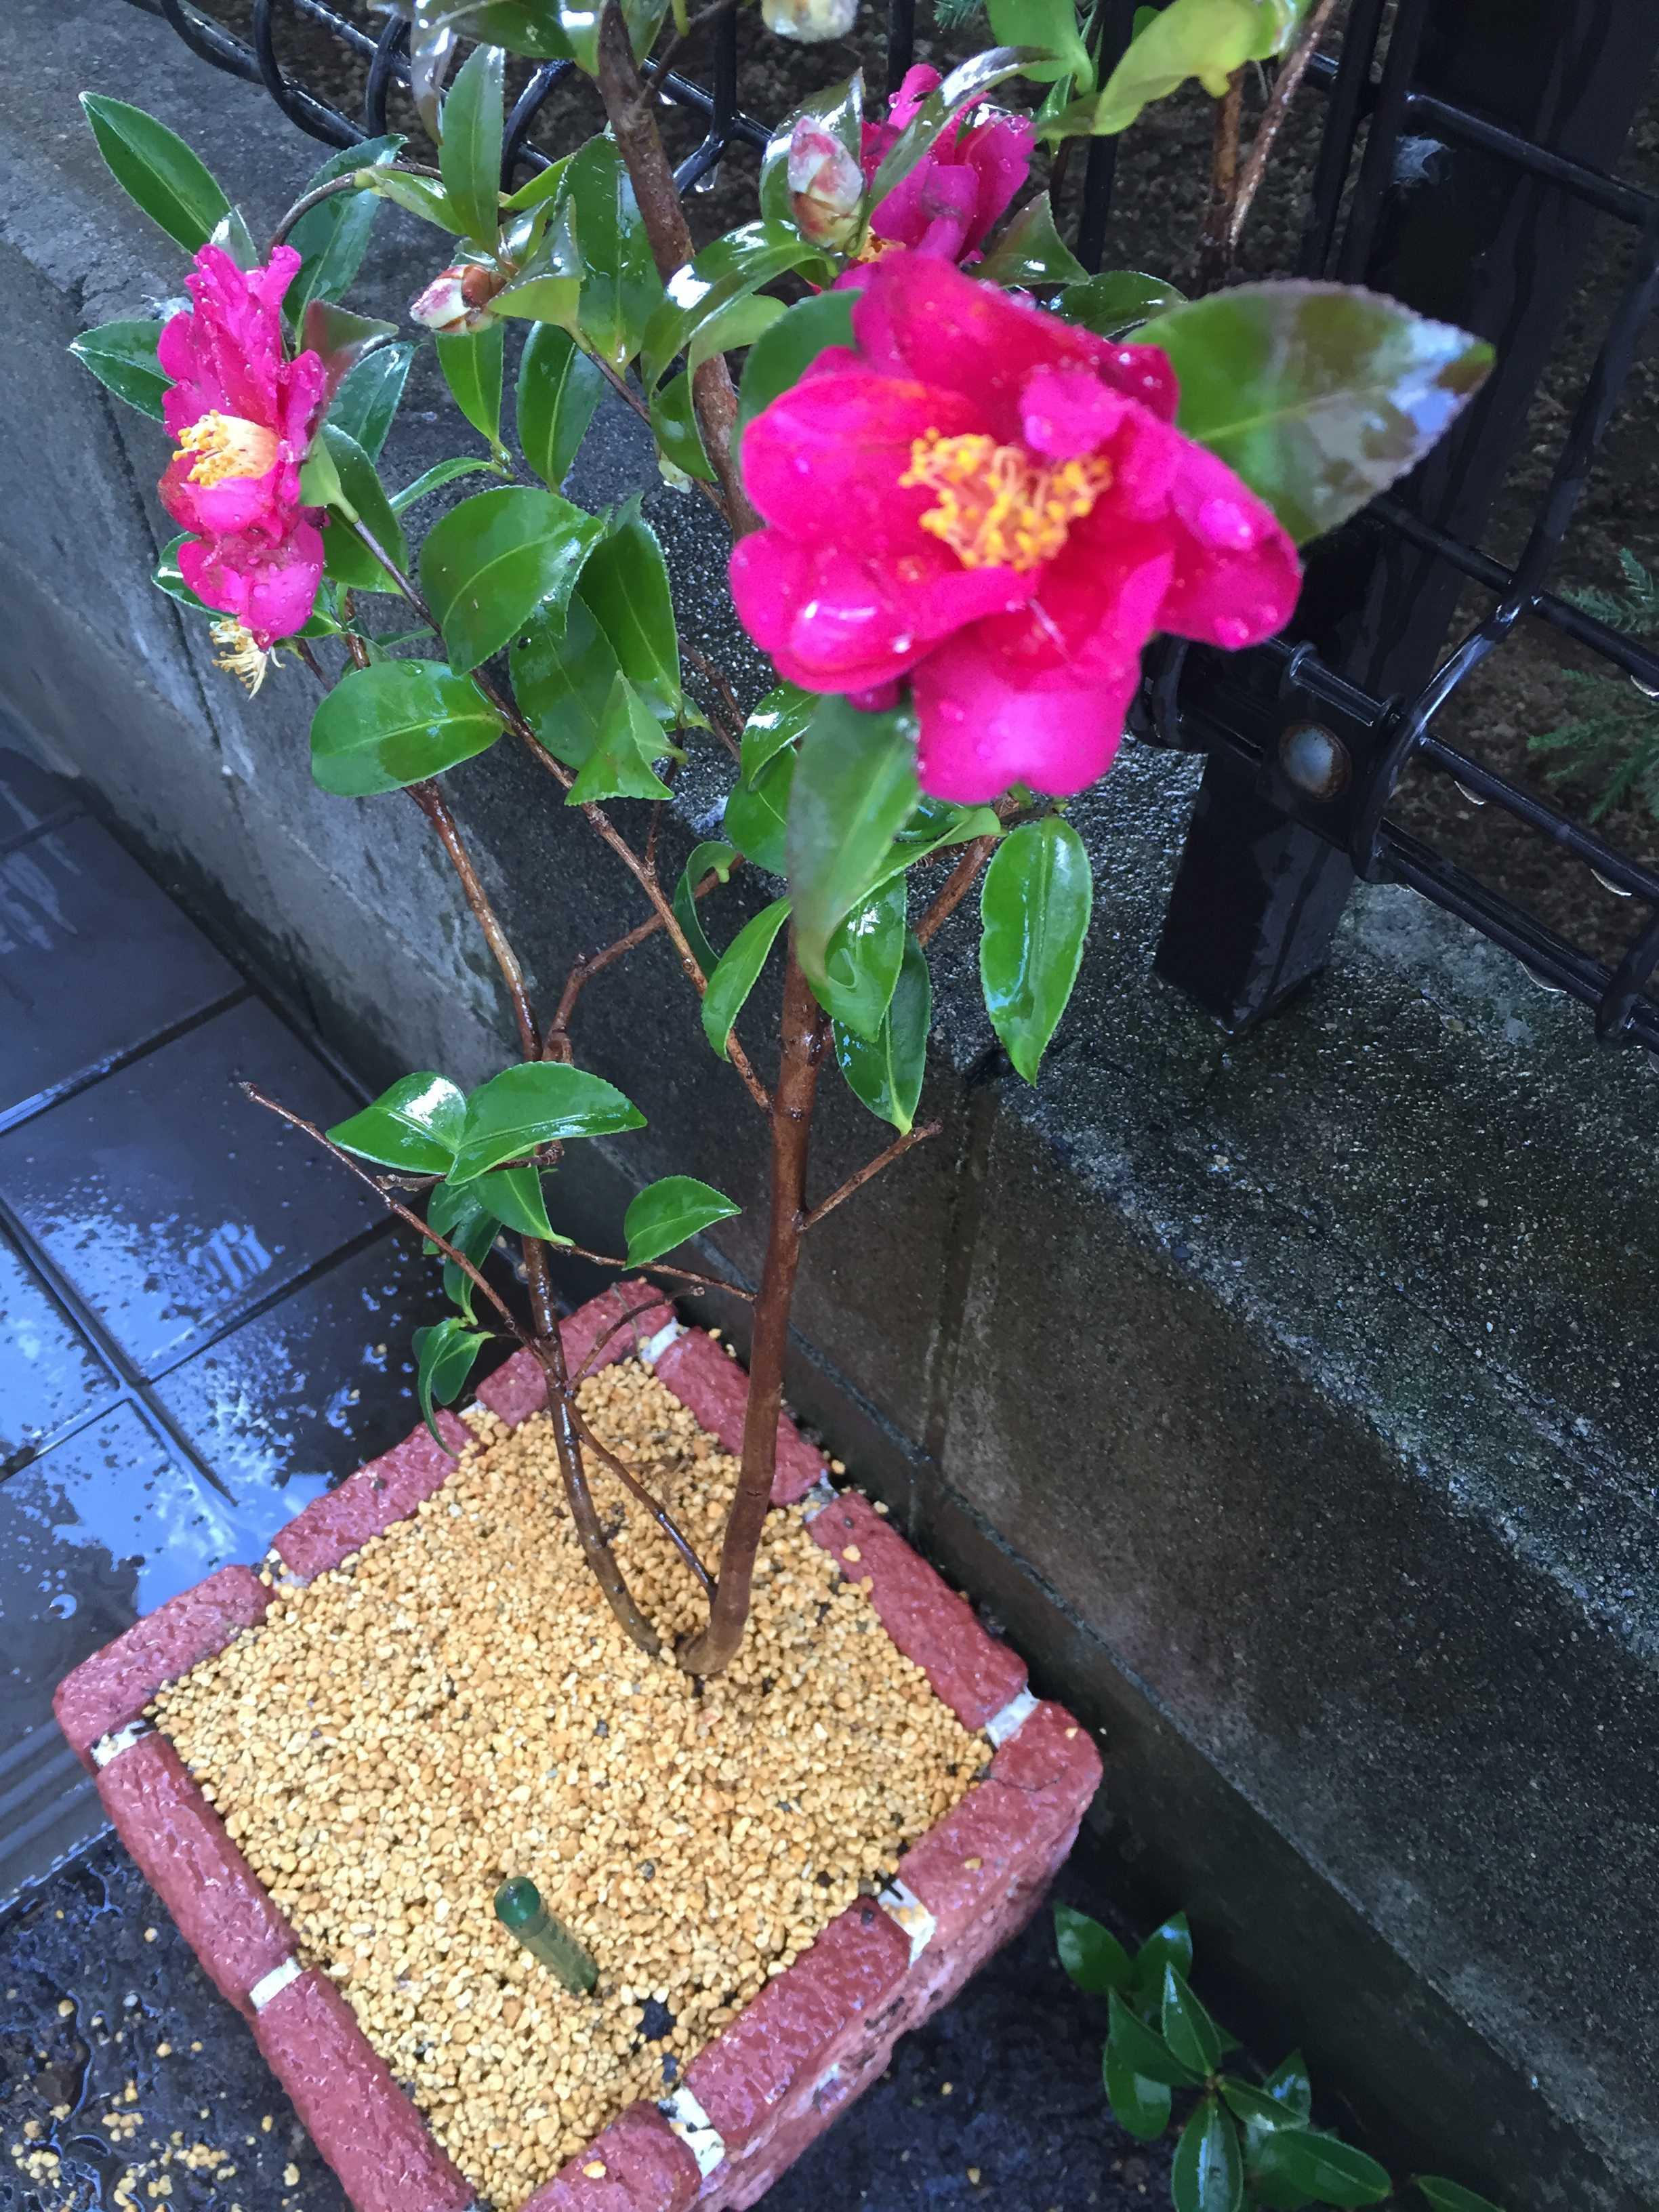 タチカン(立ち寒椿)の植え付け